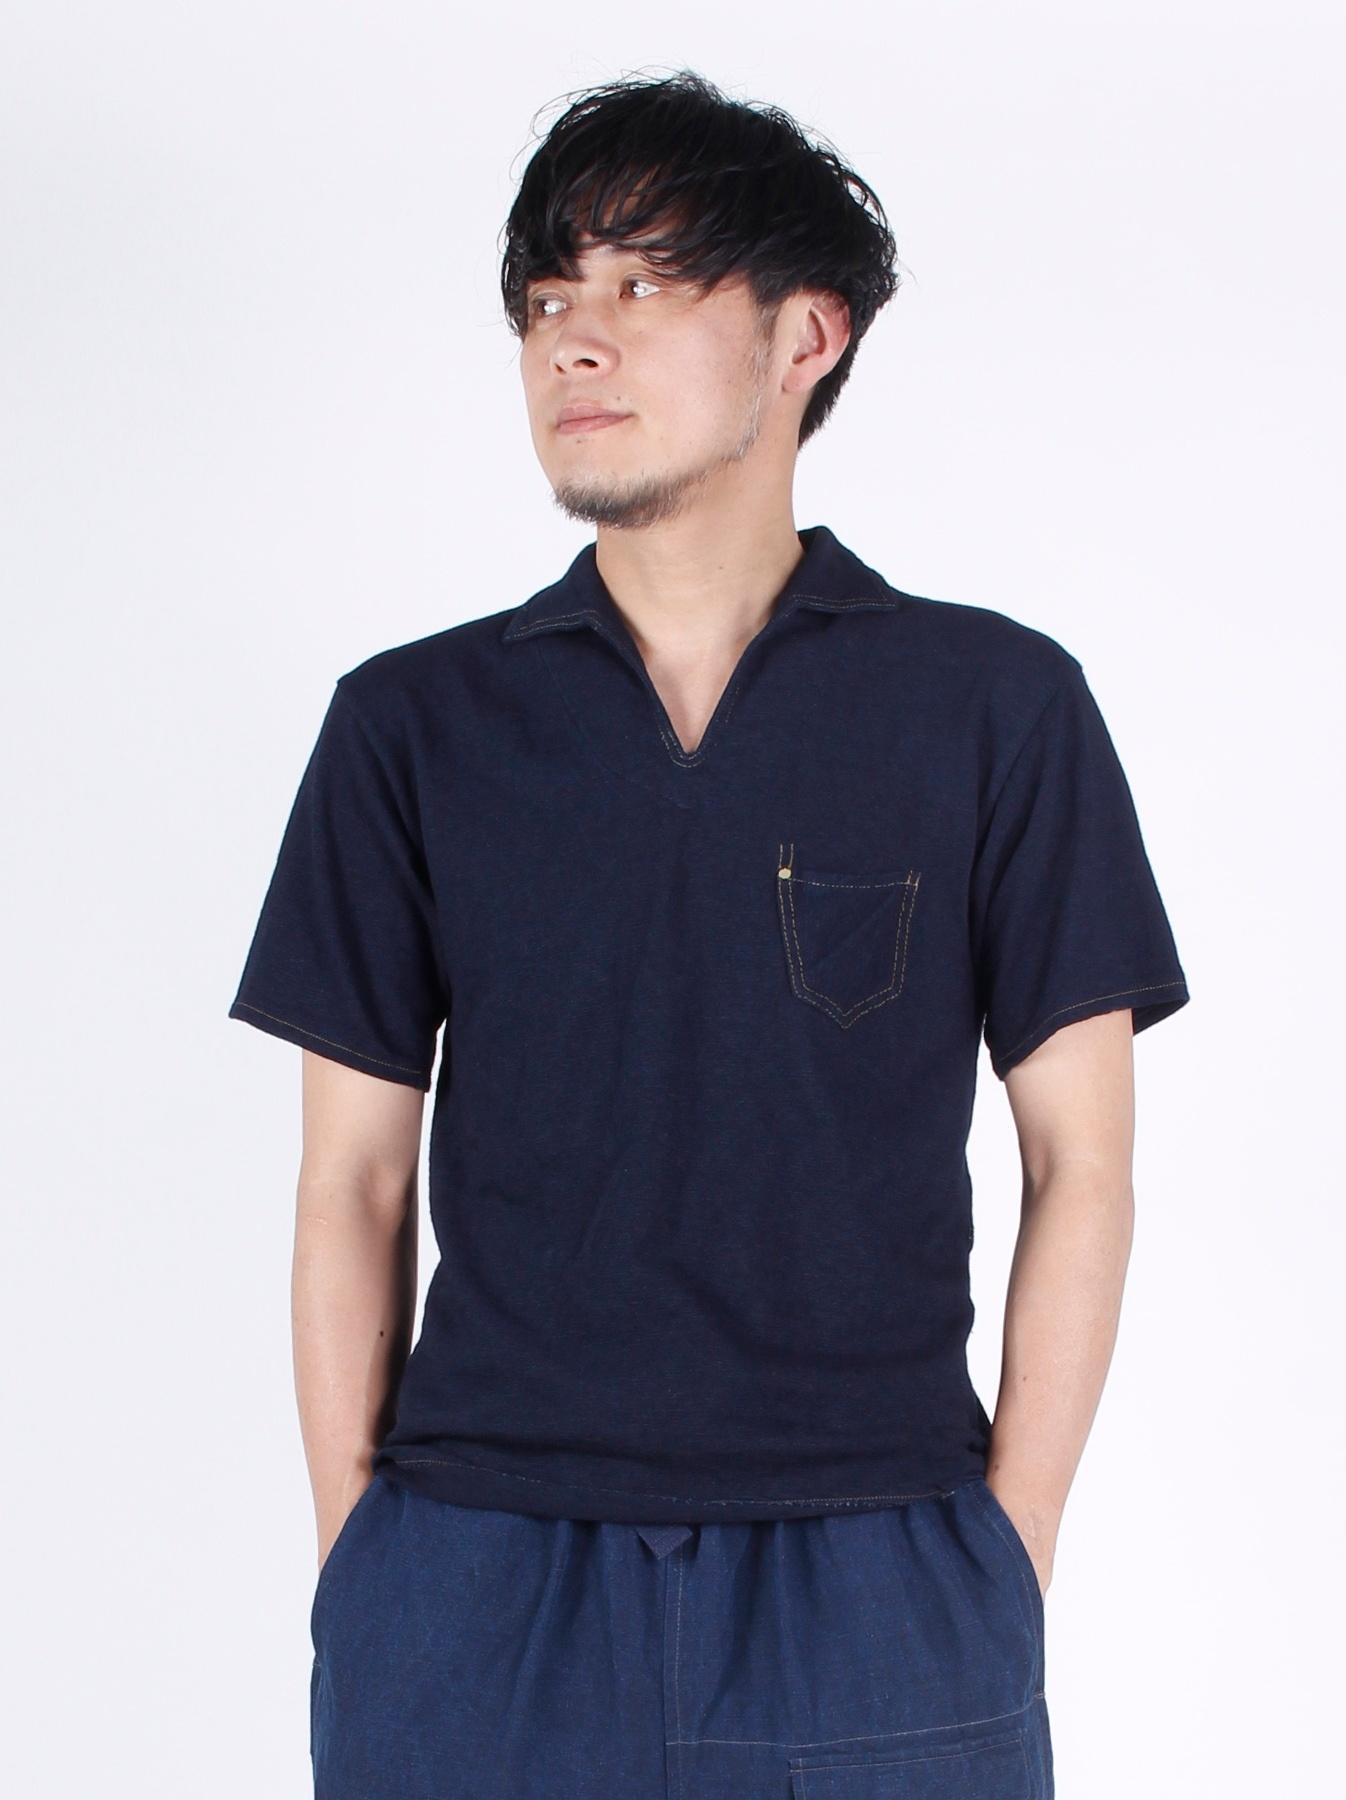 WH Indigo Plating Tenjiku Polo Shirt-3